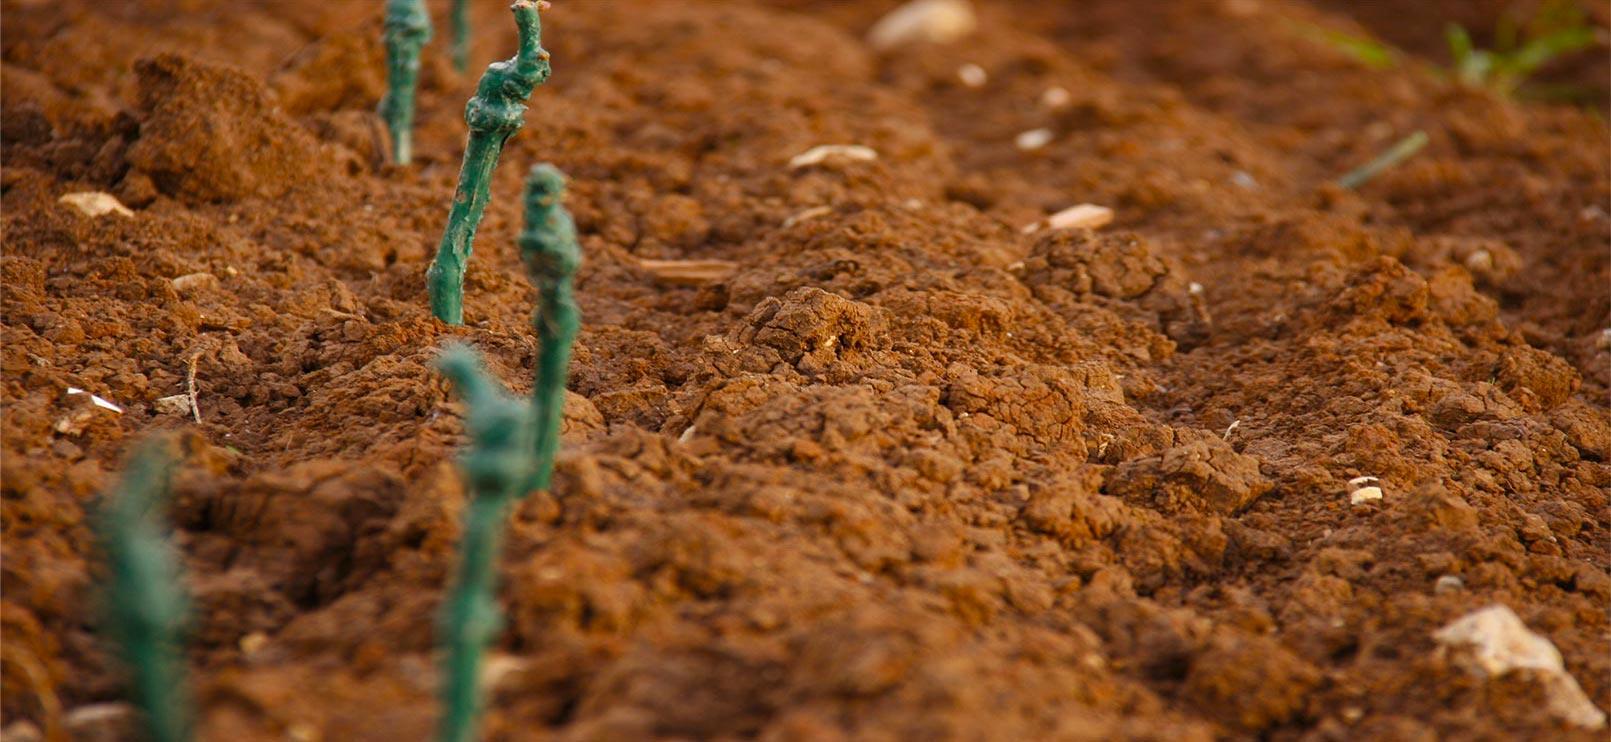 La Pria Natural Bio prosecco soil